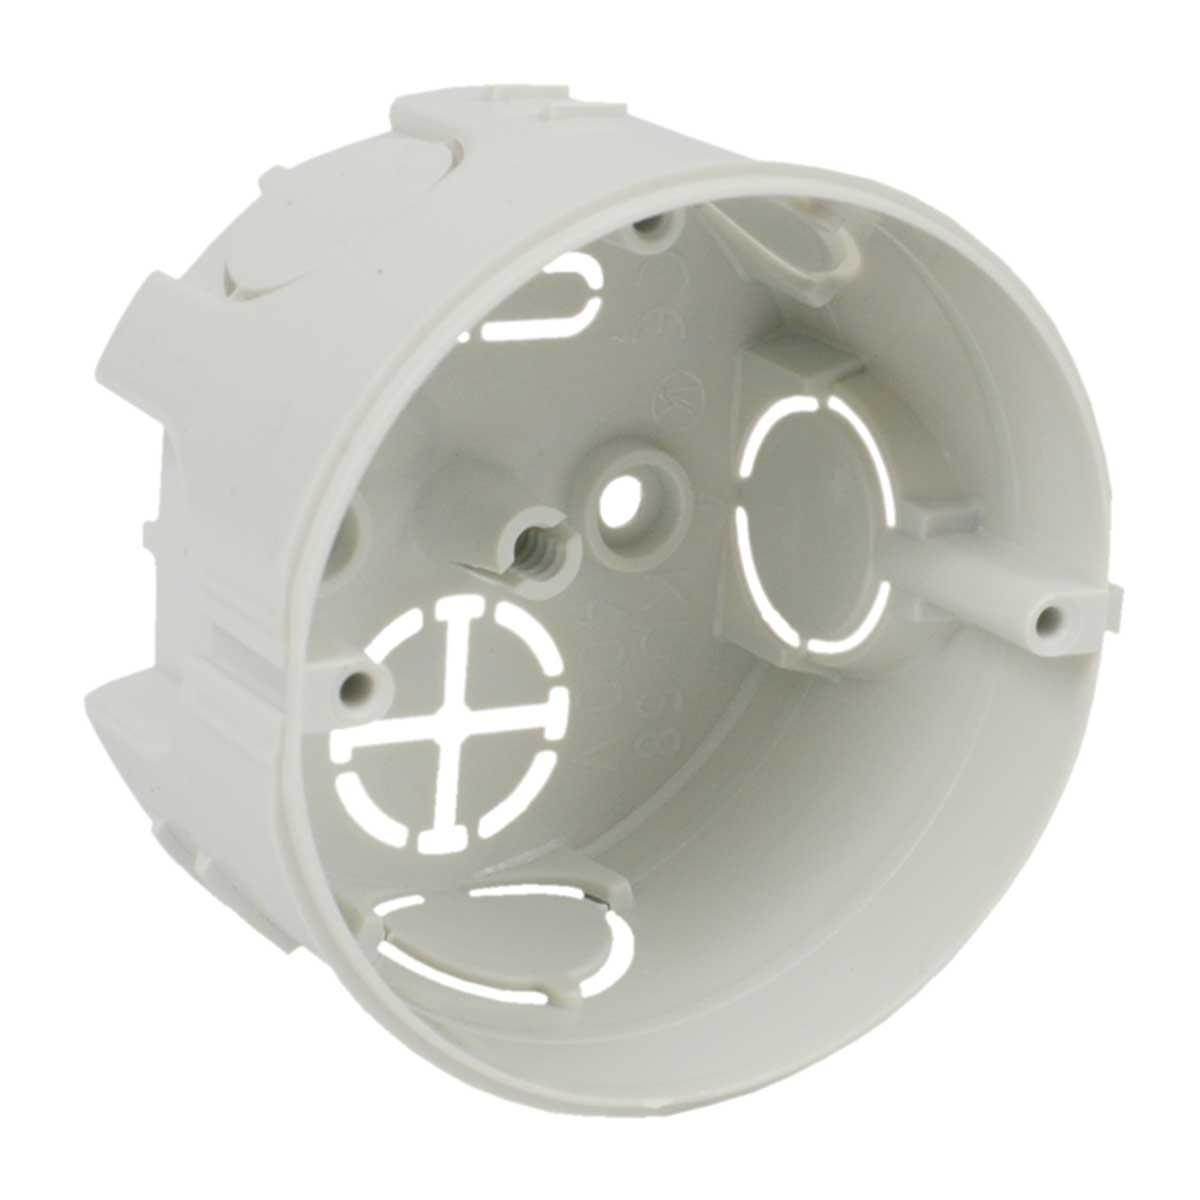 Коробка приладова універсальна; з'єднуються між собою; ПВХ; сіра; Ø73,5х43мм